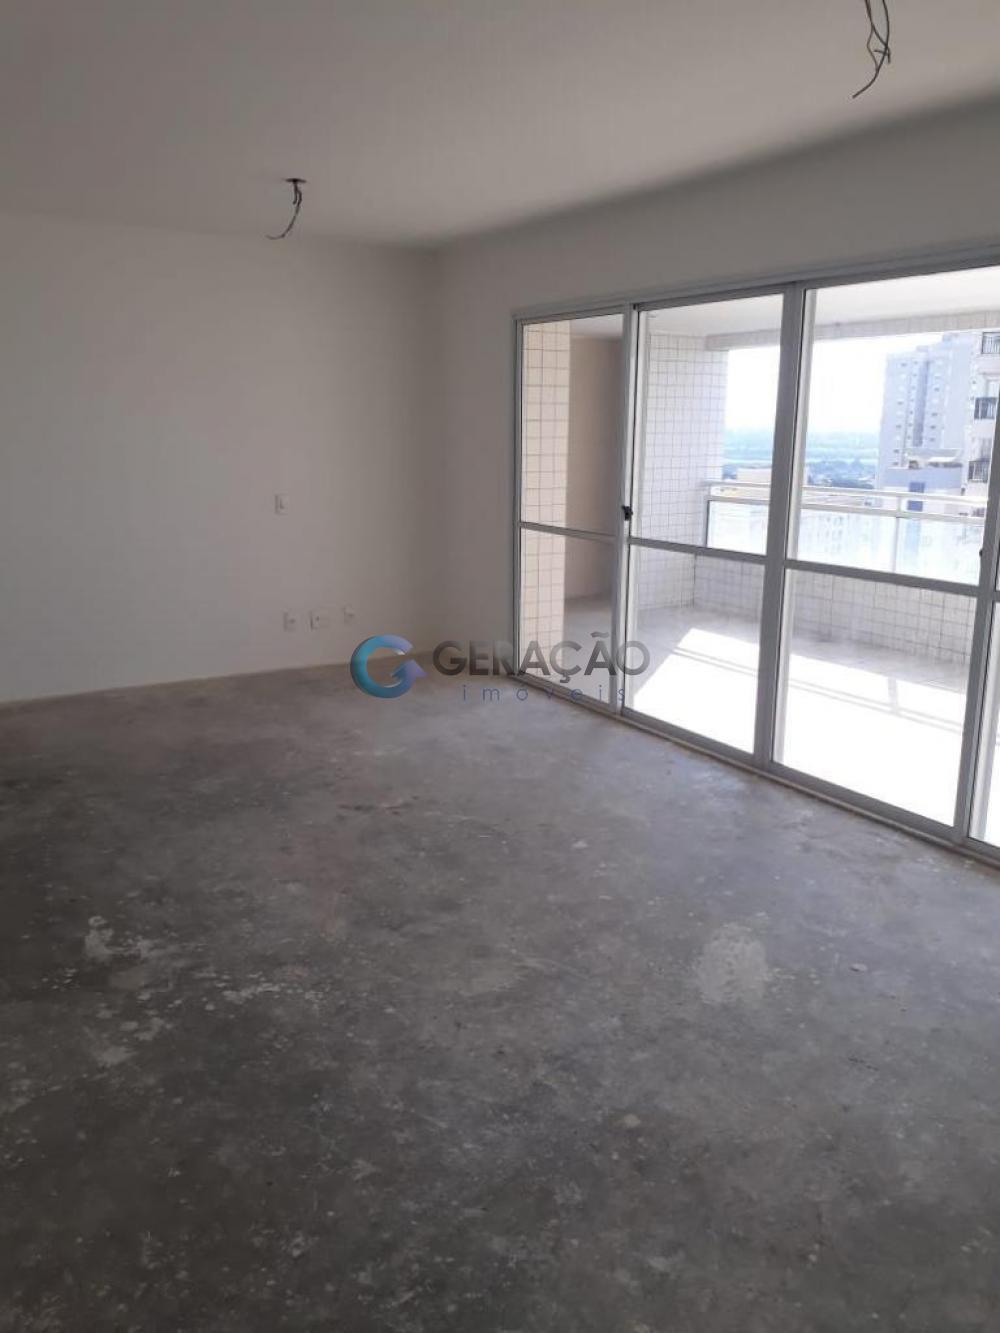 Comprar Apartamento / Cobertura em São José dos Campos apenas R$ 1.485.000,00 - Foto 4